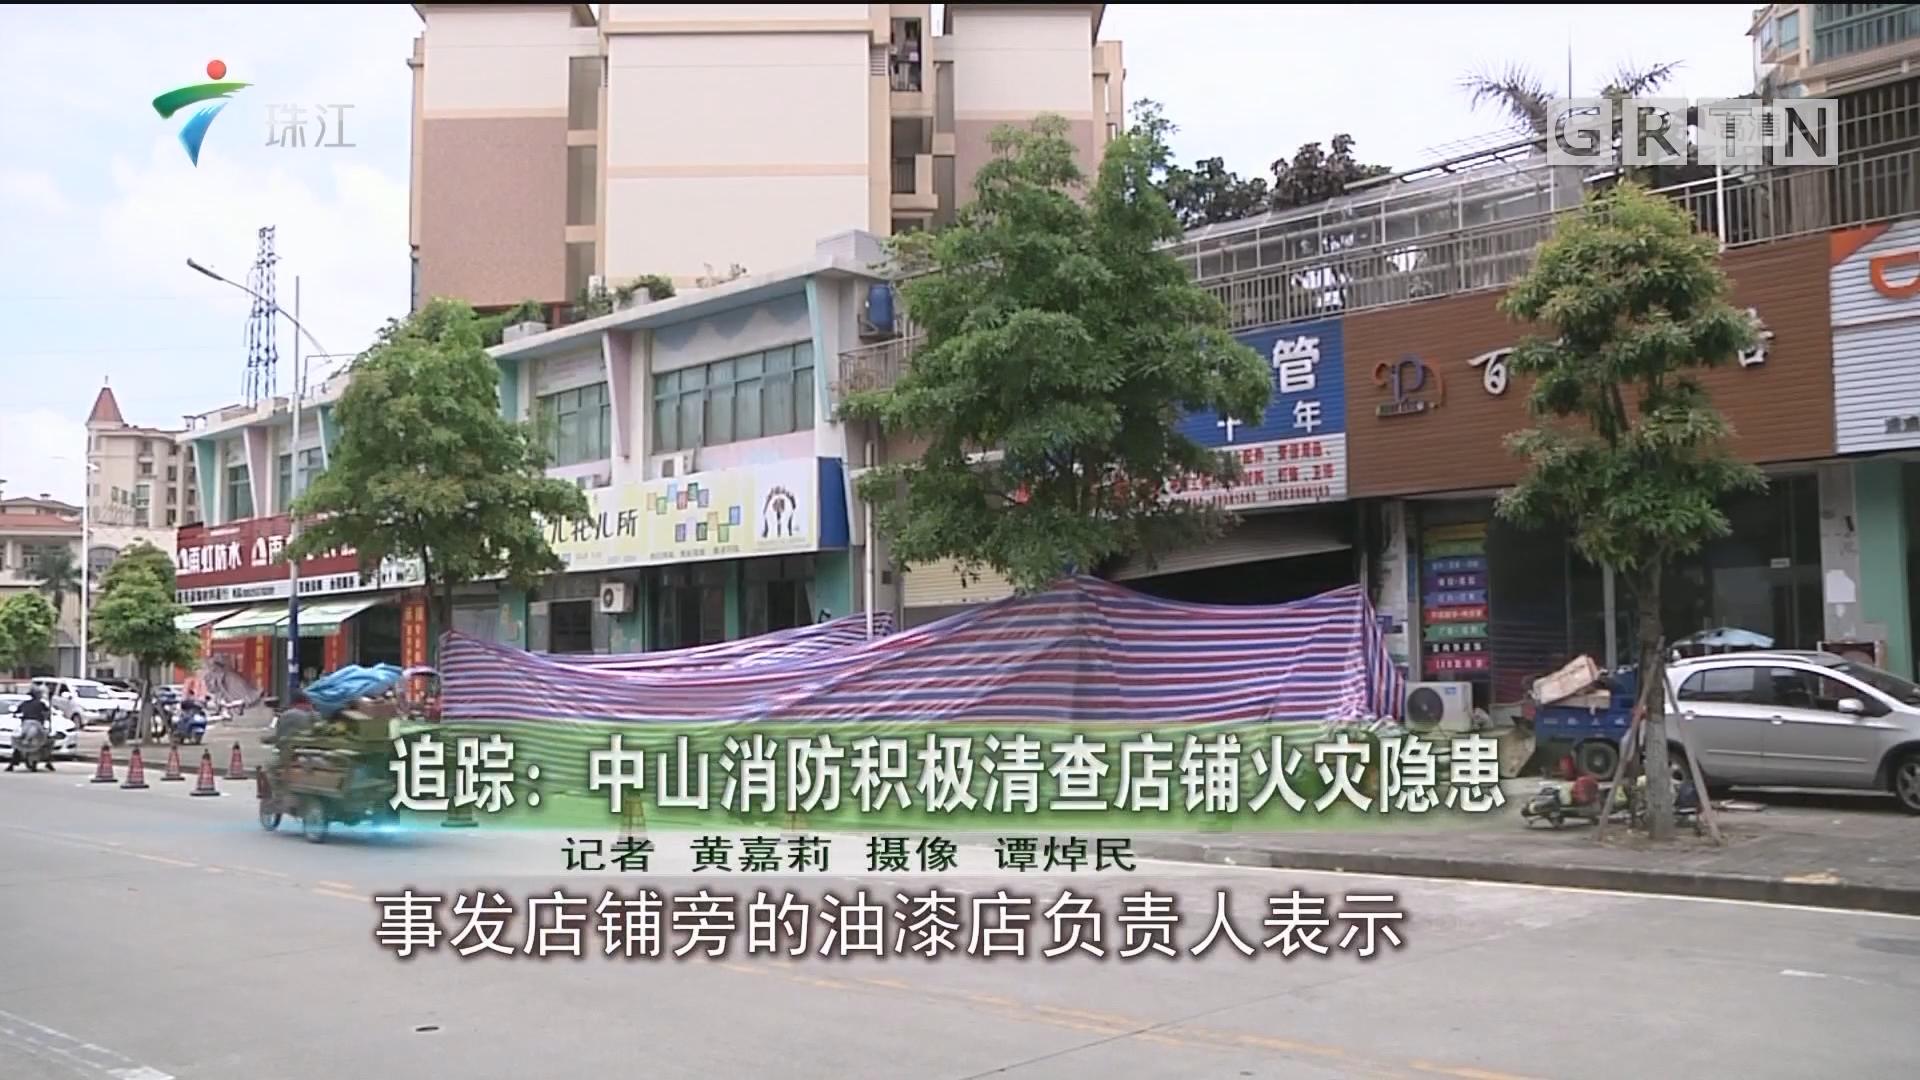 追踪:中山消防积极清查店铺火灾隐患